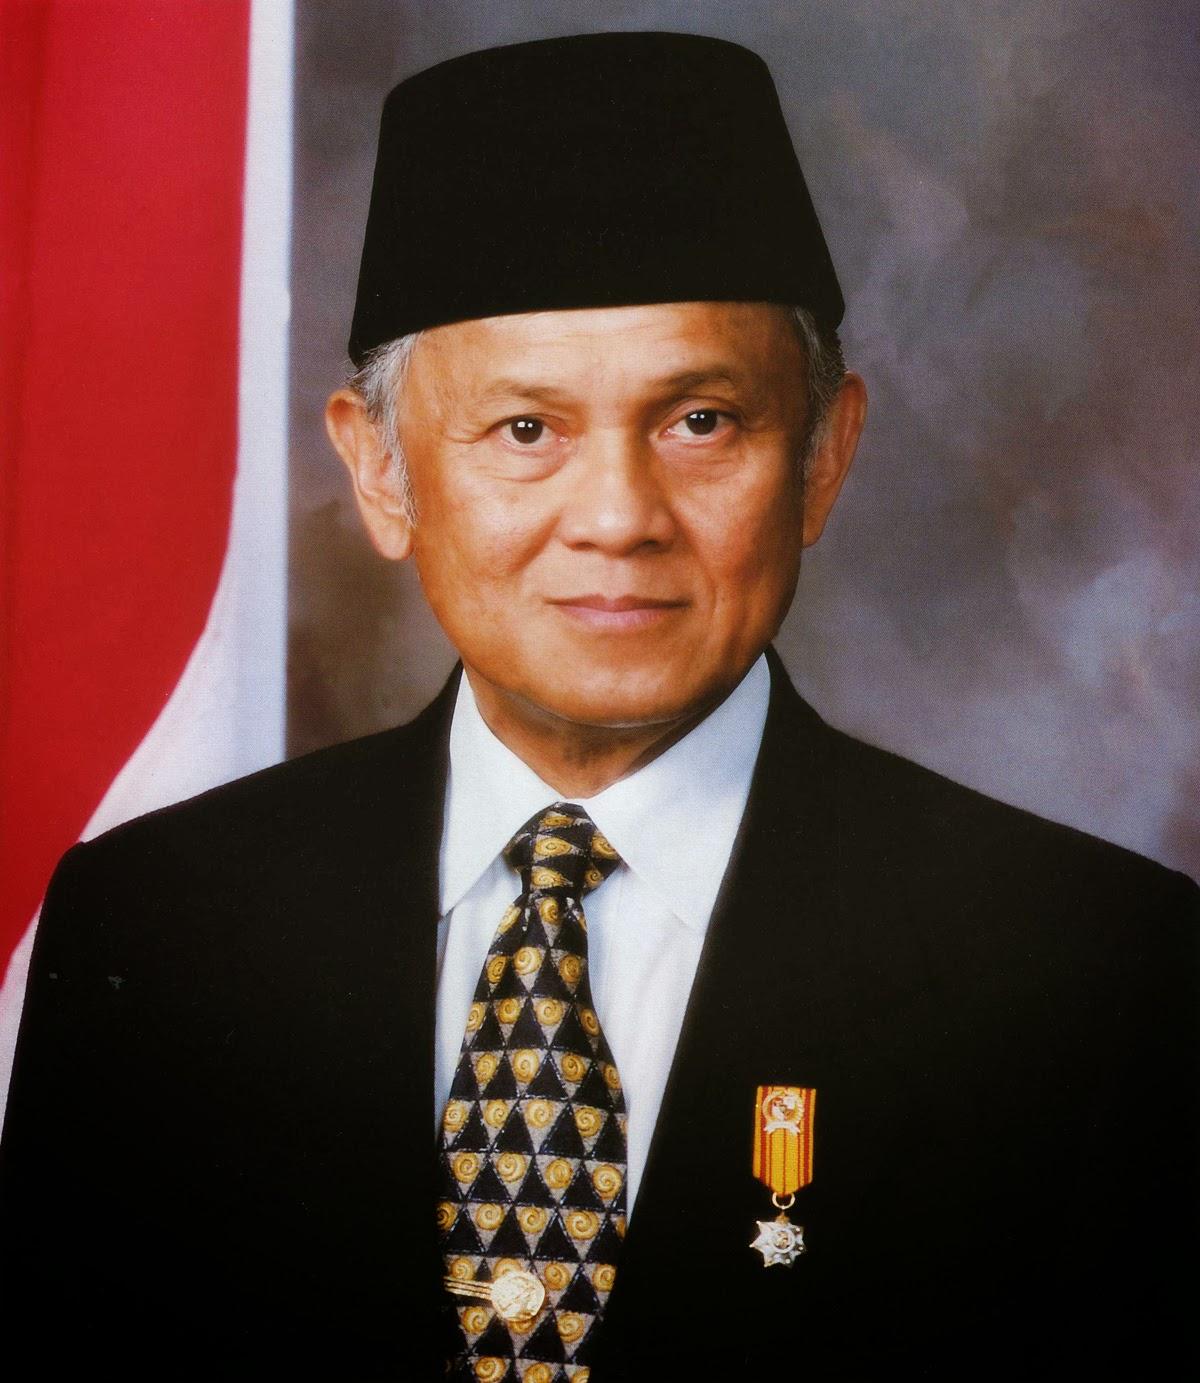 Biografi Singkat B J Habibie Menjadi Lebih Baik